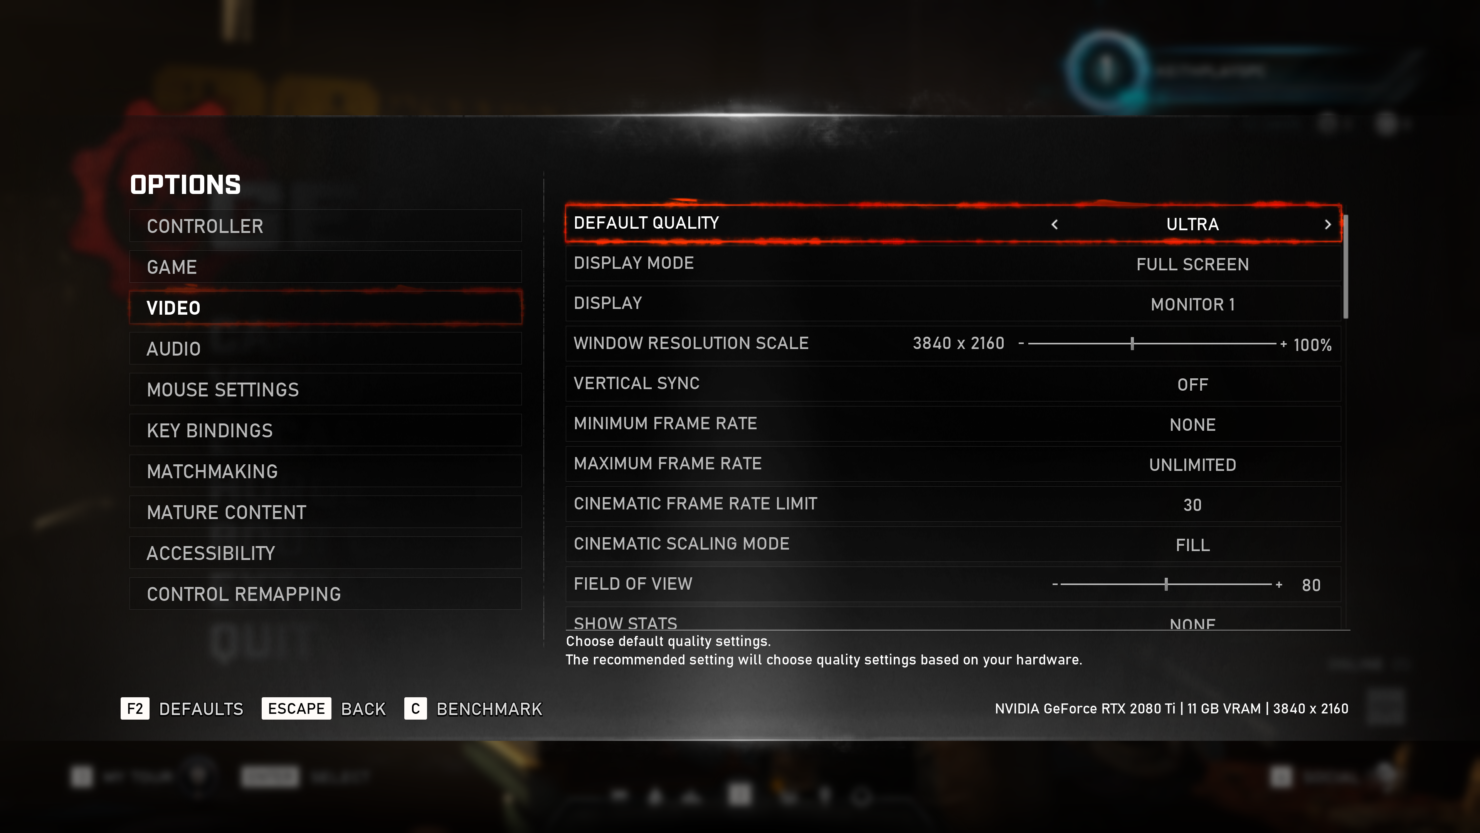 gears-of-war-5-screenshot-2019-09-07-11-31-20-45